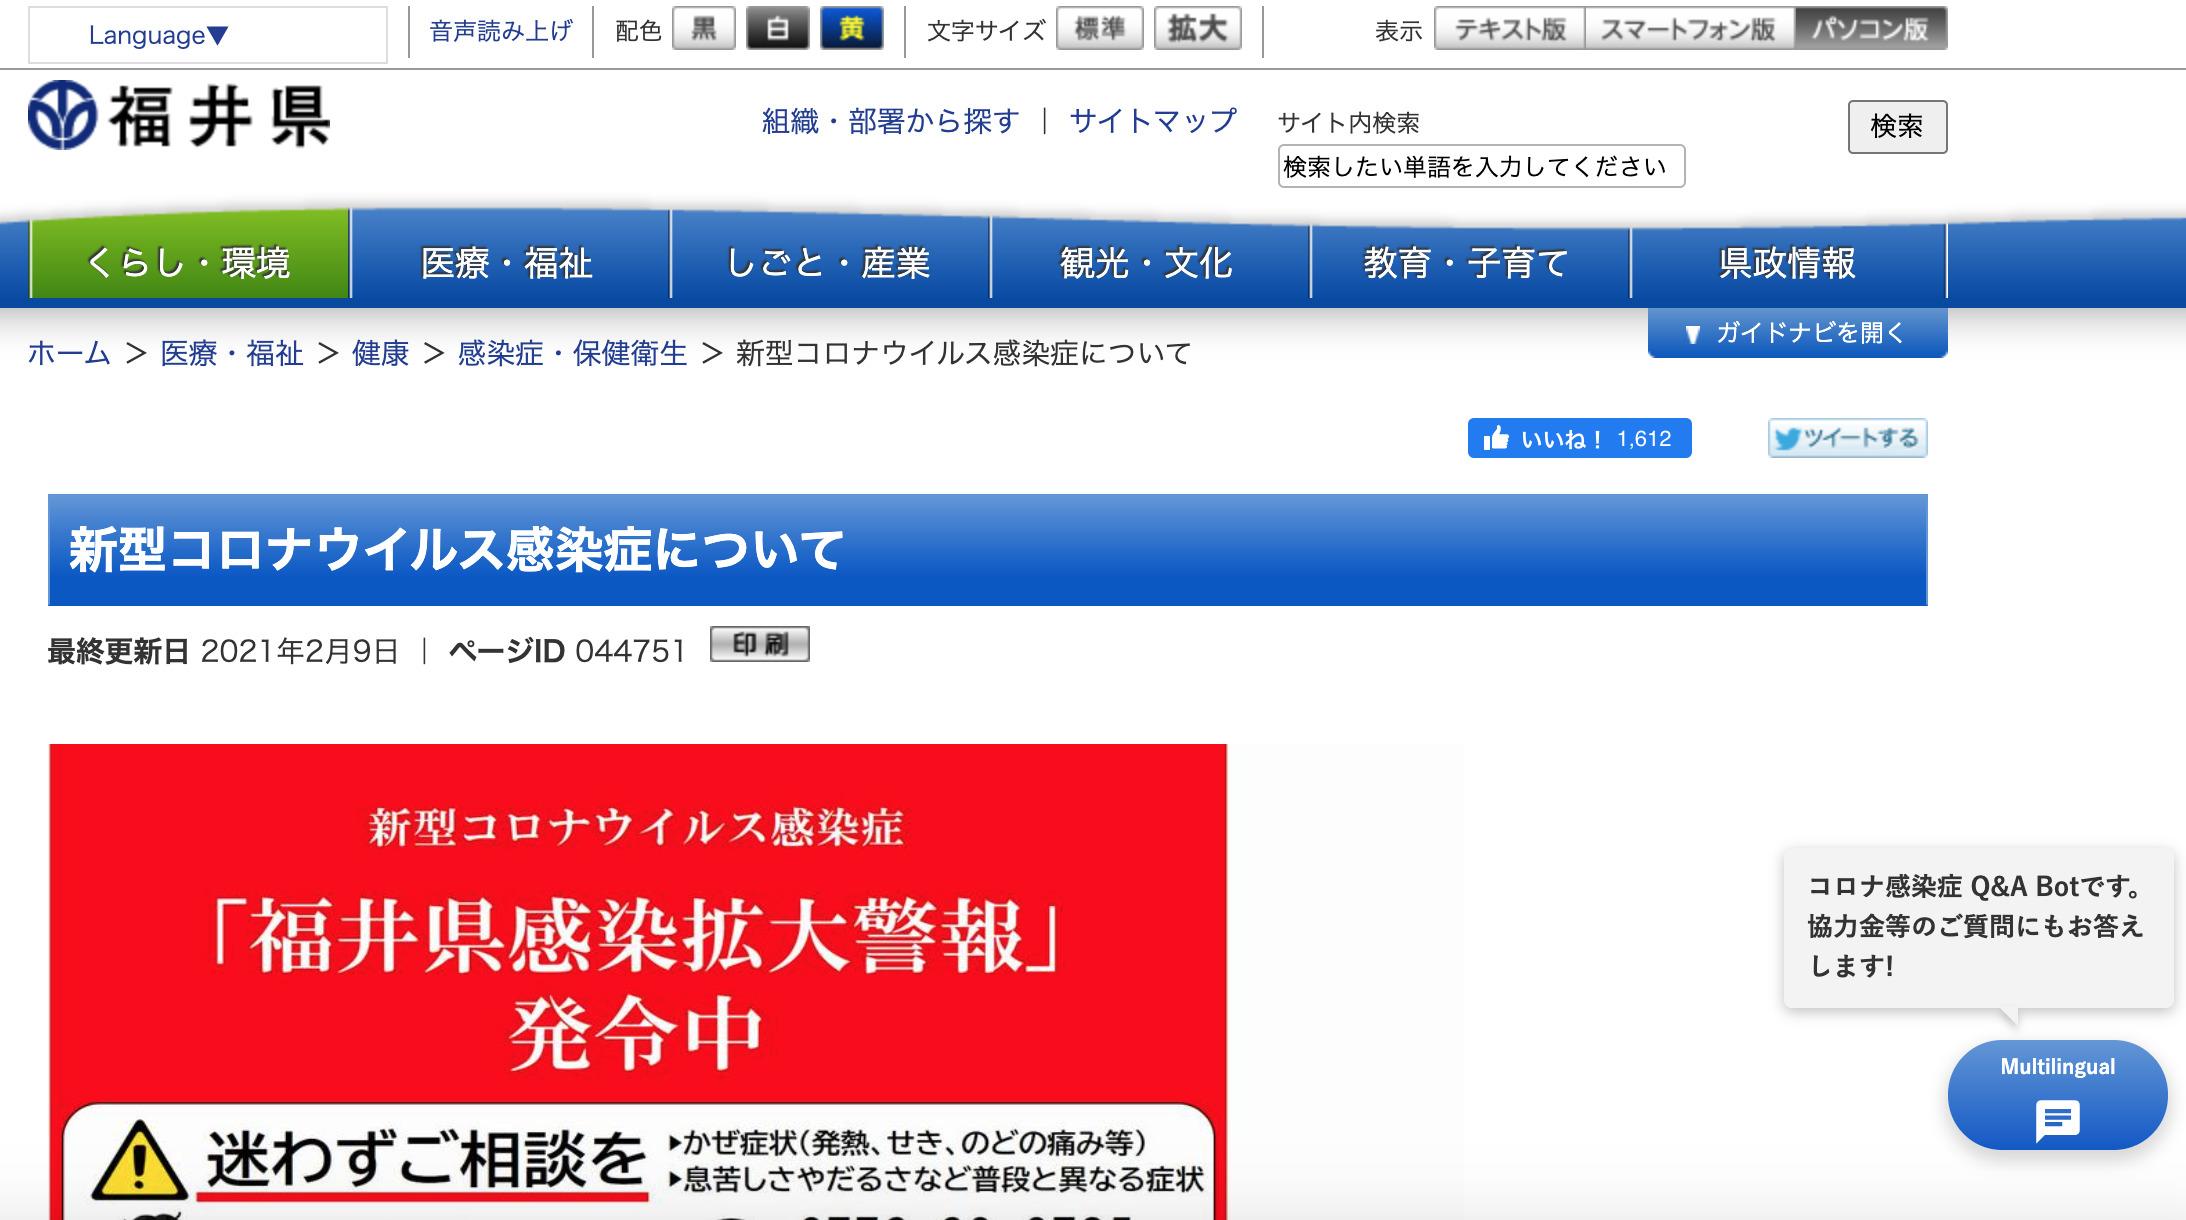 福井県の新型コロナウイルス感染症への対応状況